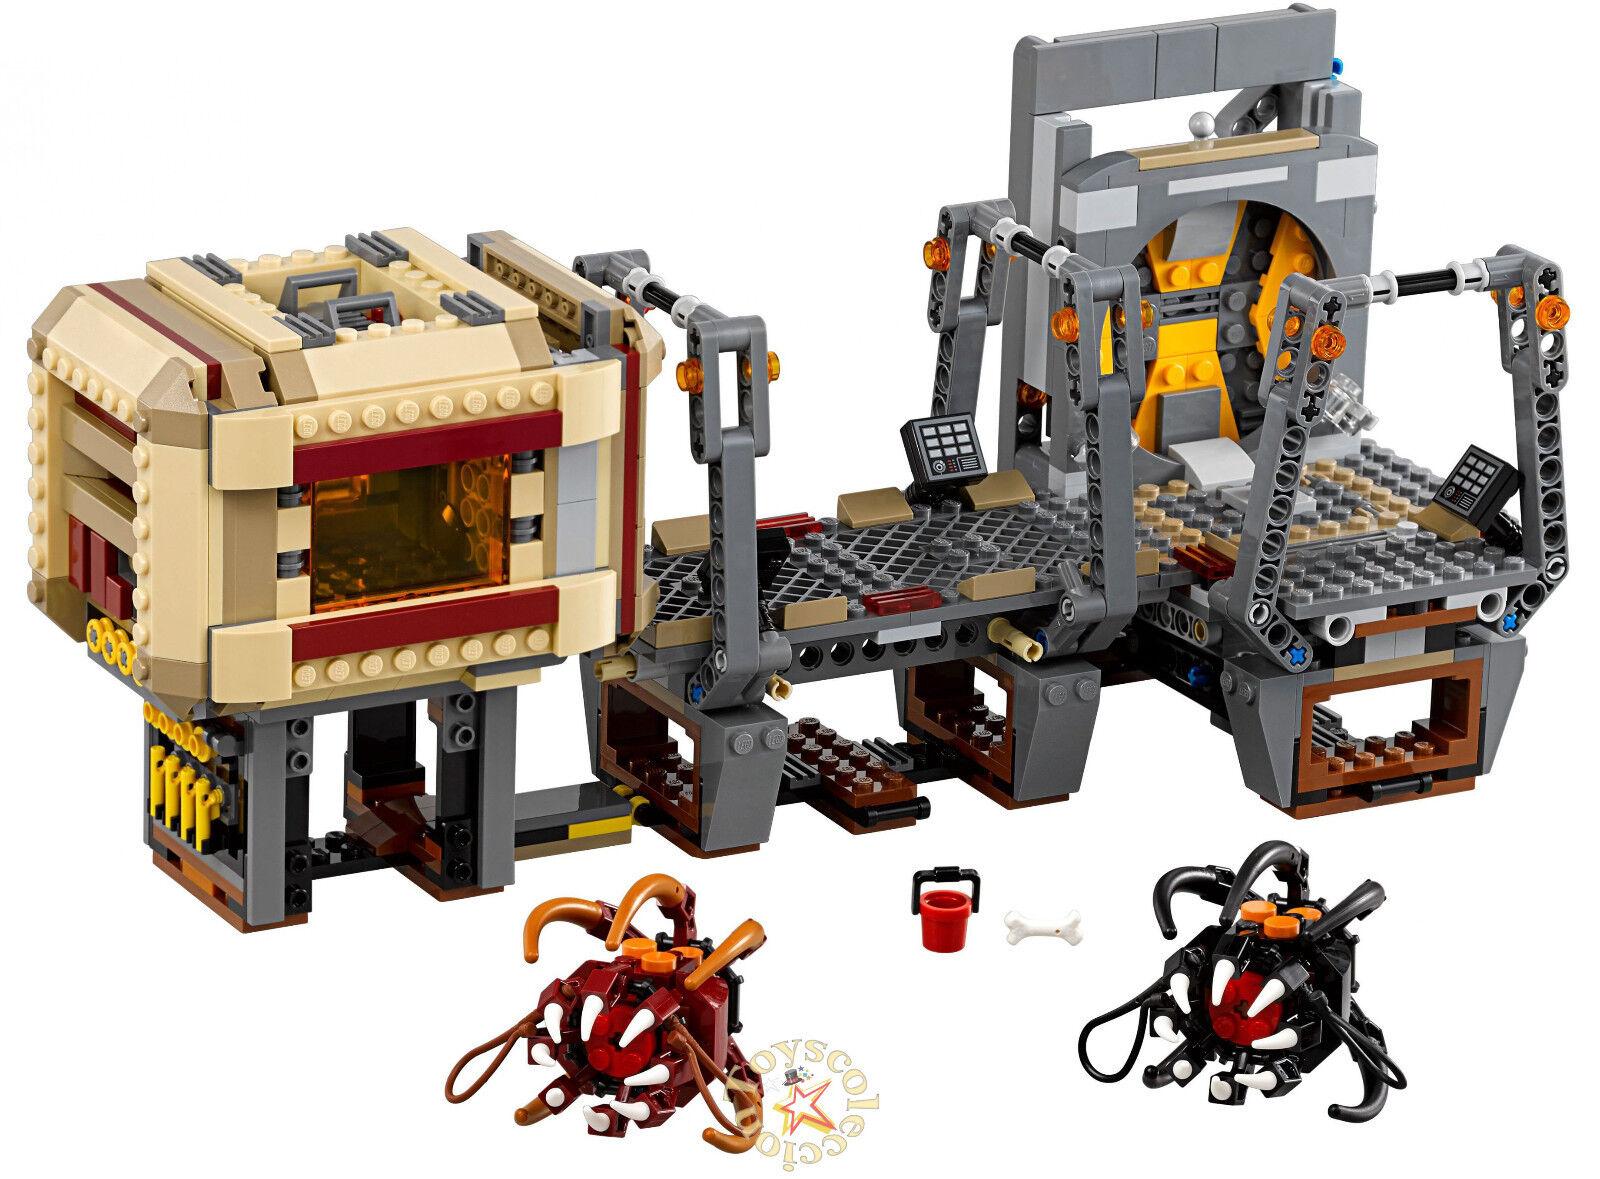 LEGO STAR WARS - RATHTAR ESCAPE 75180 - MINIFIGURAS NO INCLUIDAS